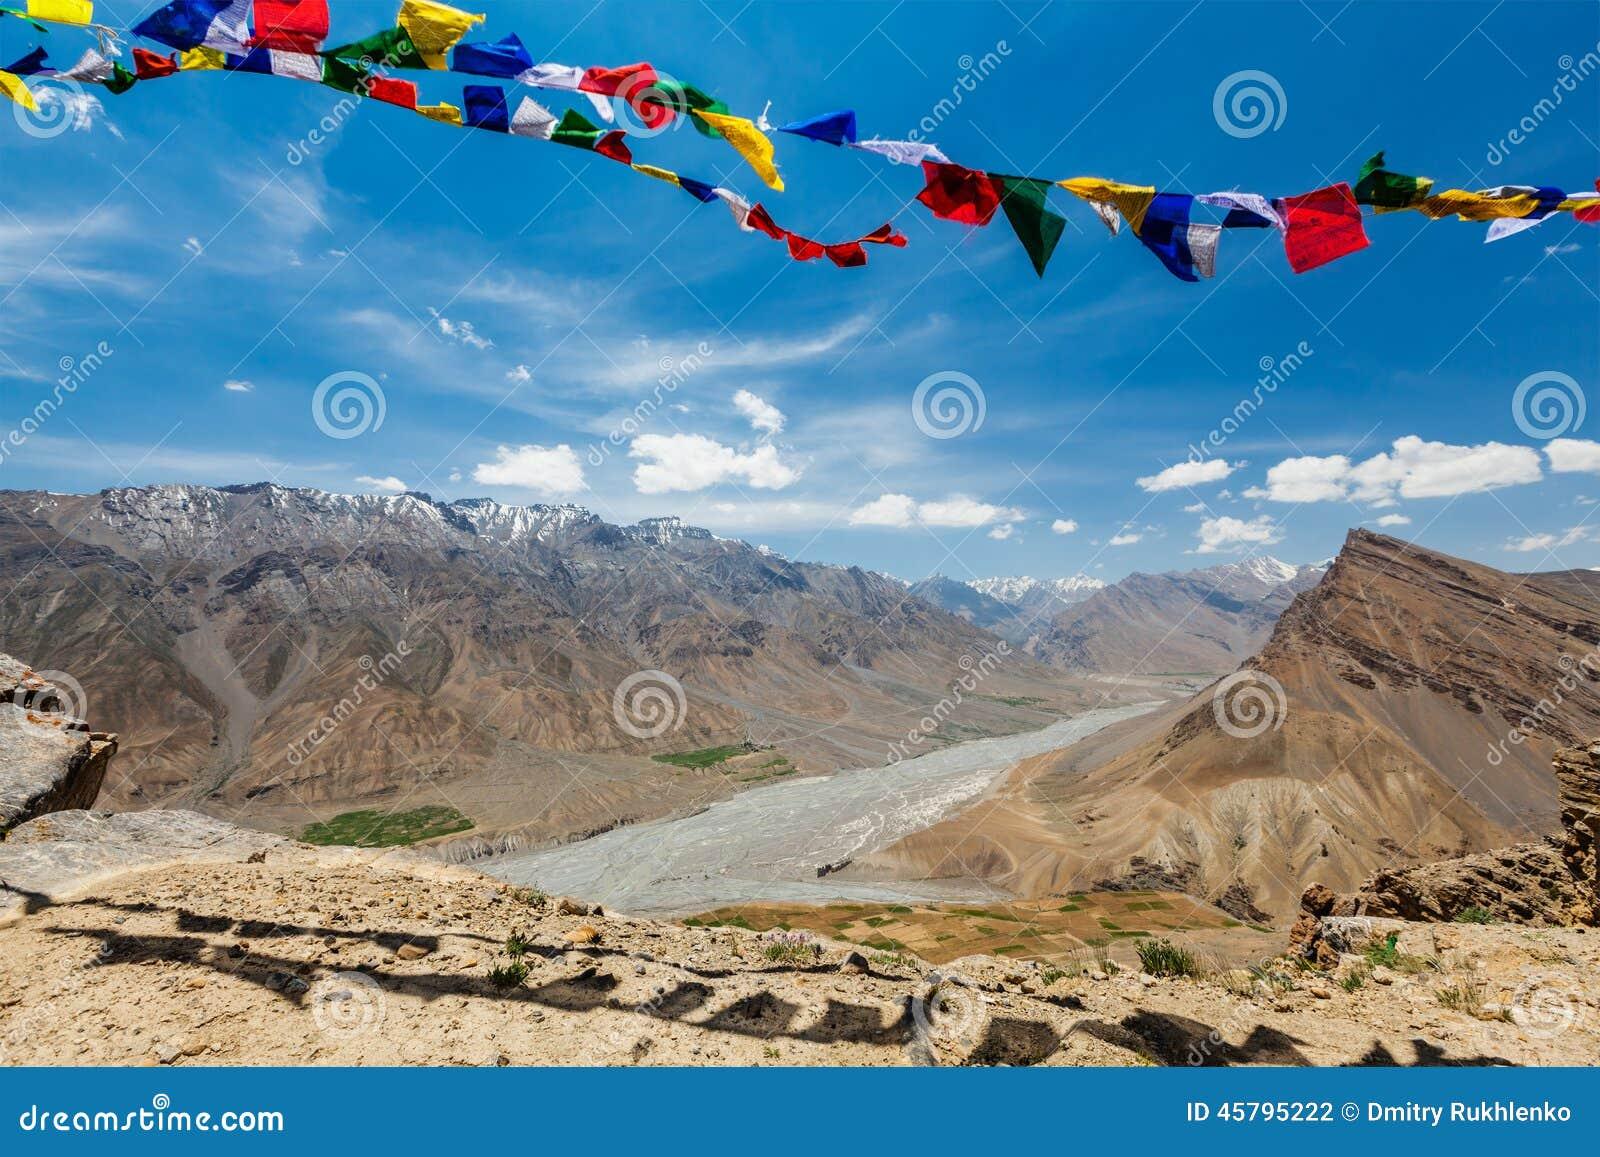 El rezo budista señala lungta por medio de una bandera en el valle de Spiti